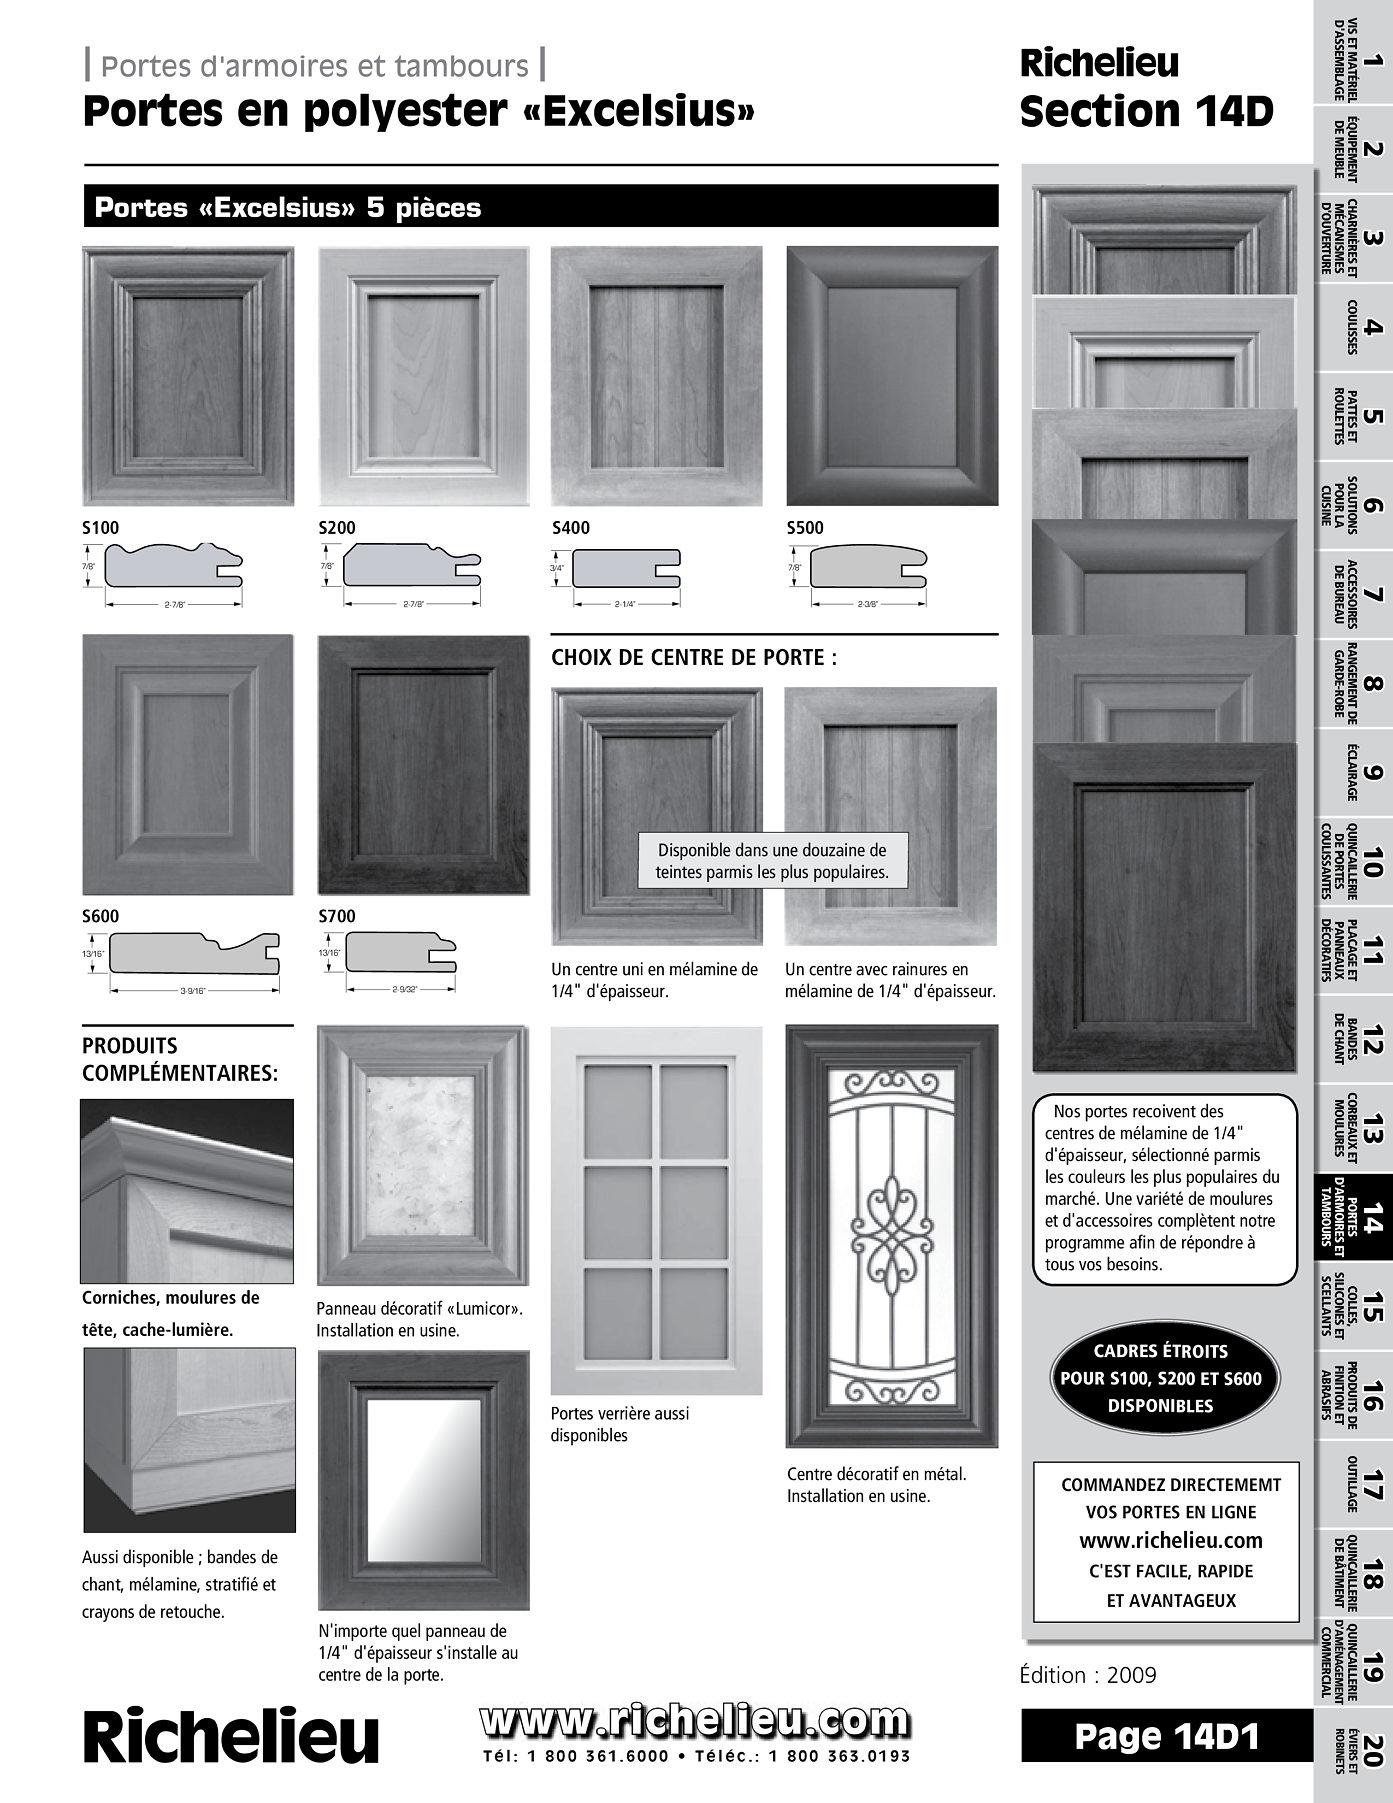 librairie des catalogues richelieu portes excelsius page 1 quincaillerie richelieu. Black Bedroom Furniture Sets. Home Design Ideas